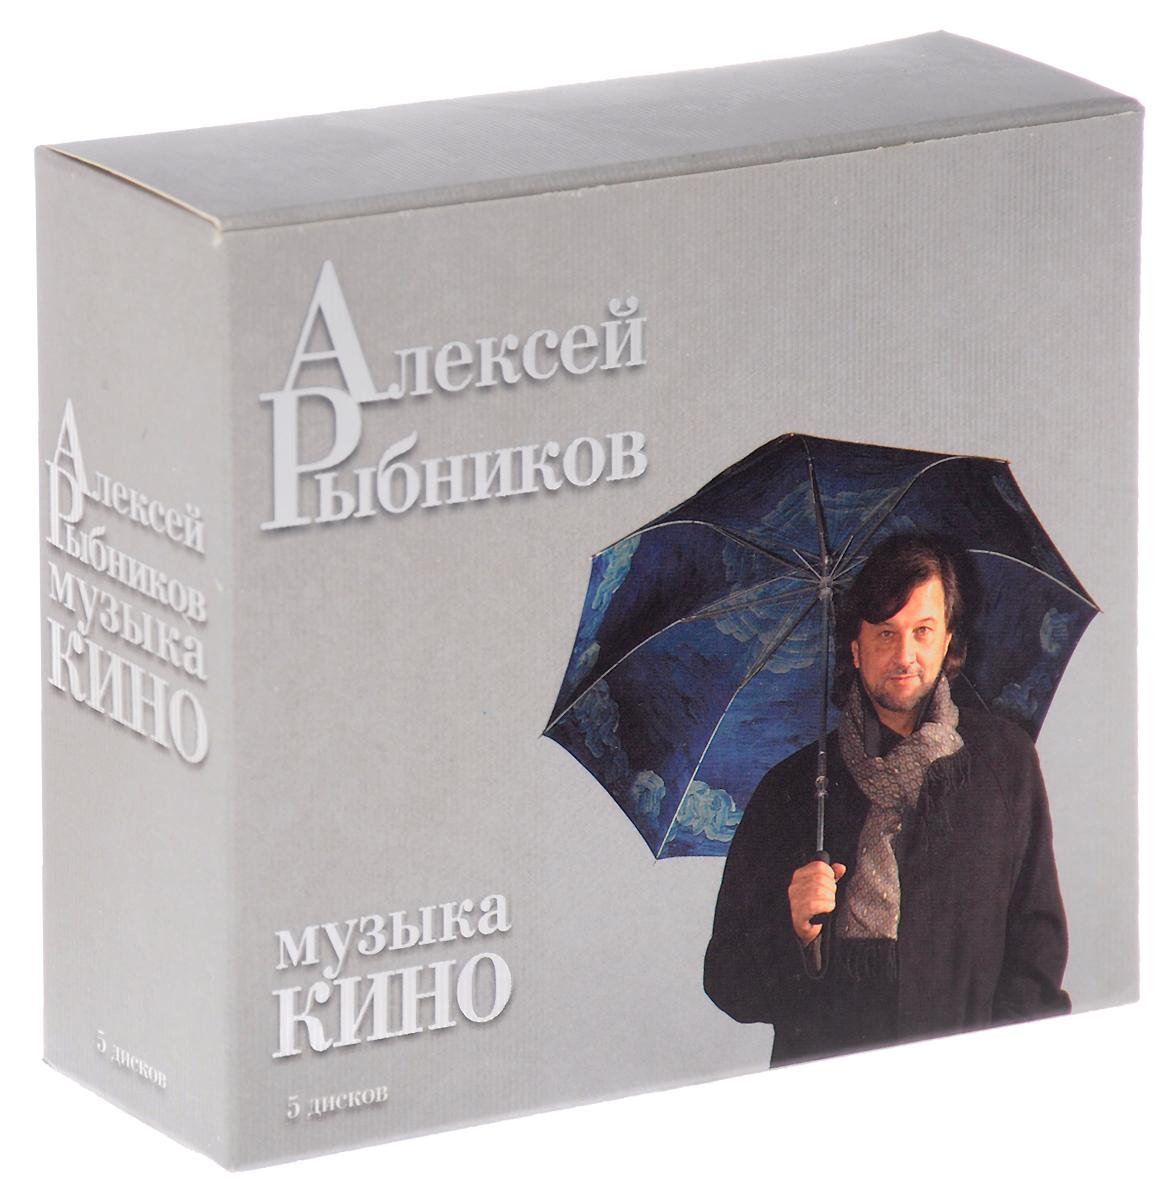 Алексей Рыбников. Музыка кино (5 CD) музыка cd dvd dsd 1cd